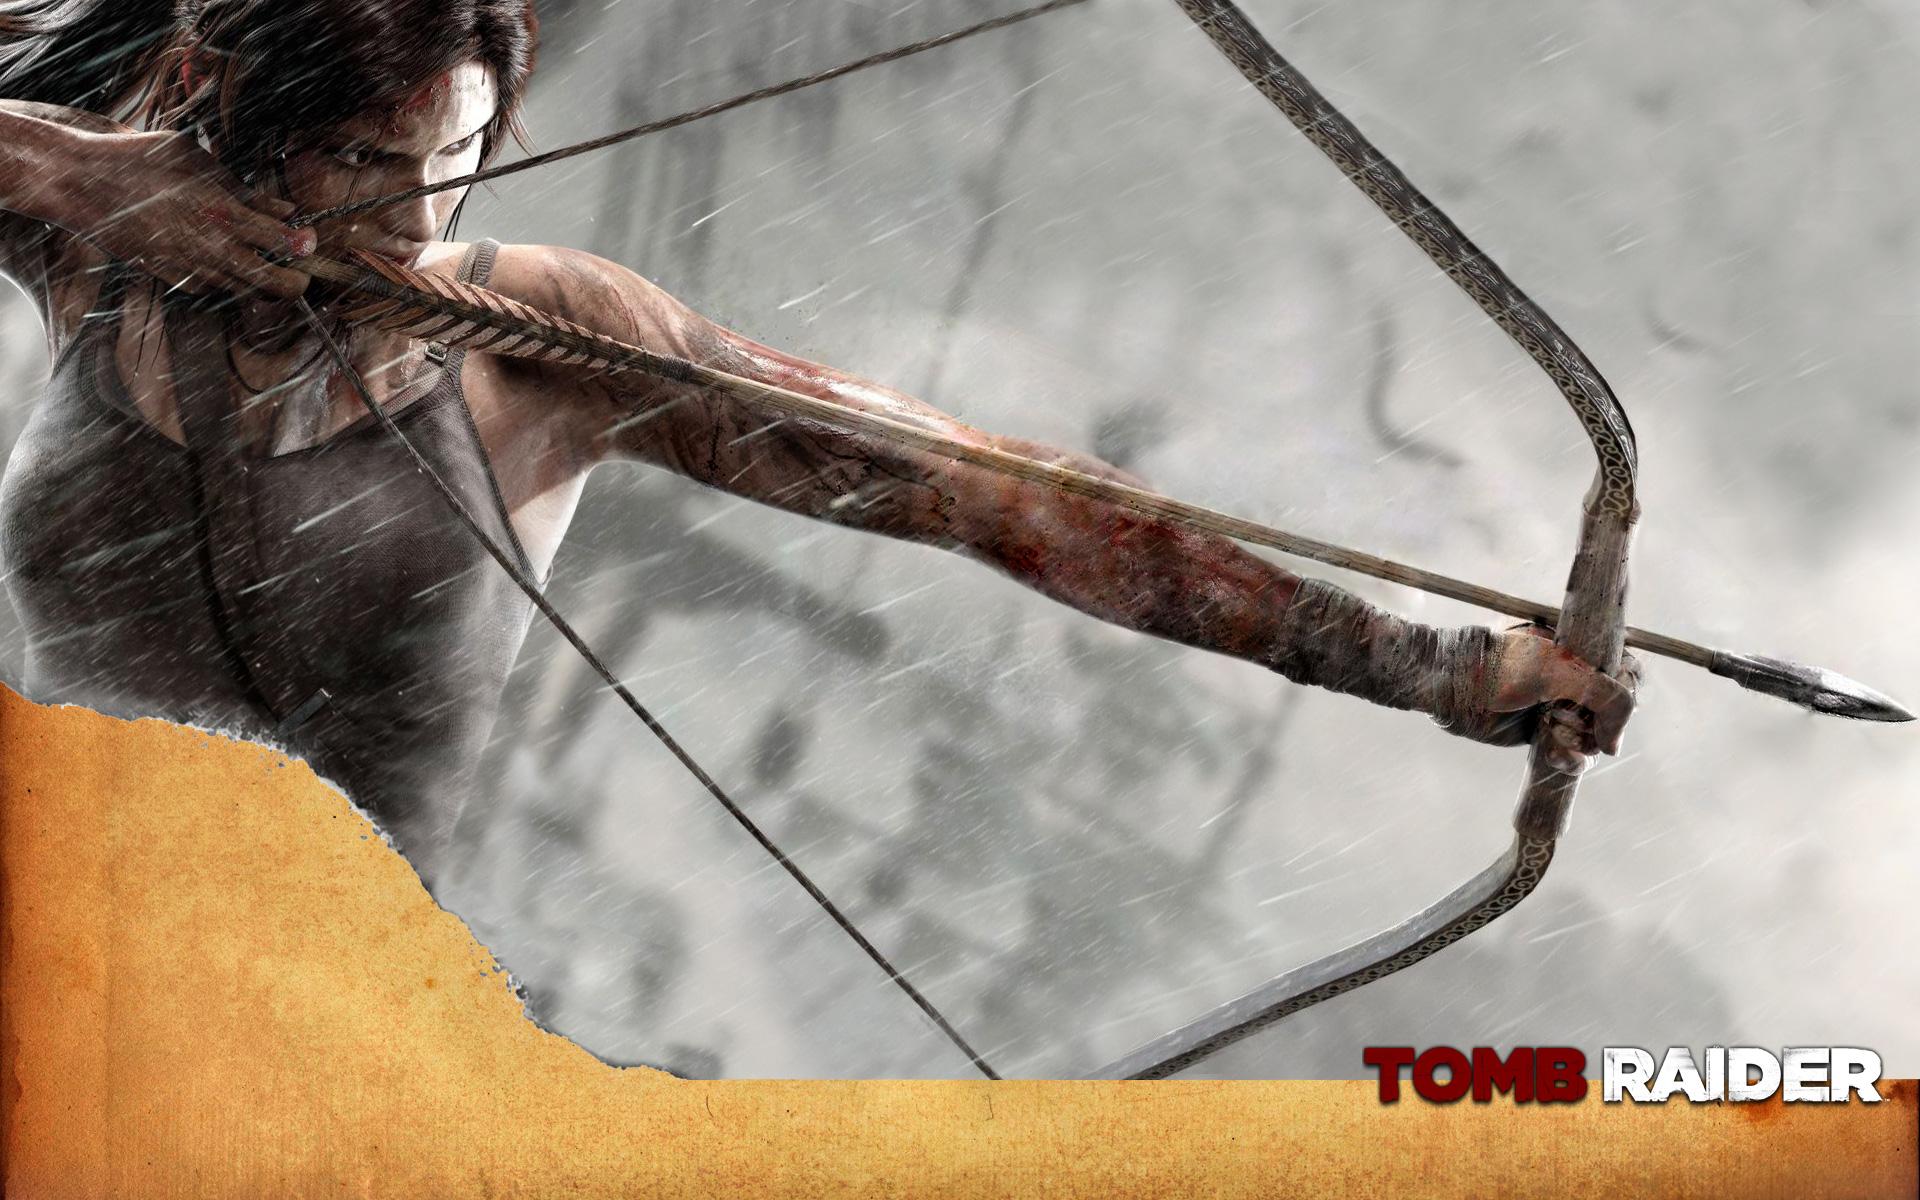 Free Tomb Raider Wallpaper in 1920x1200